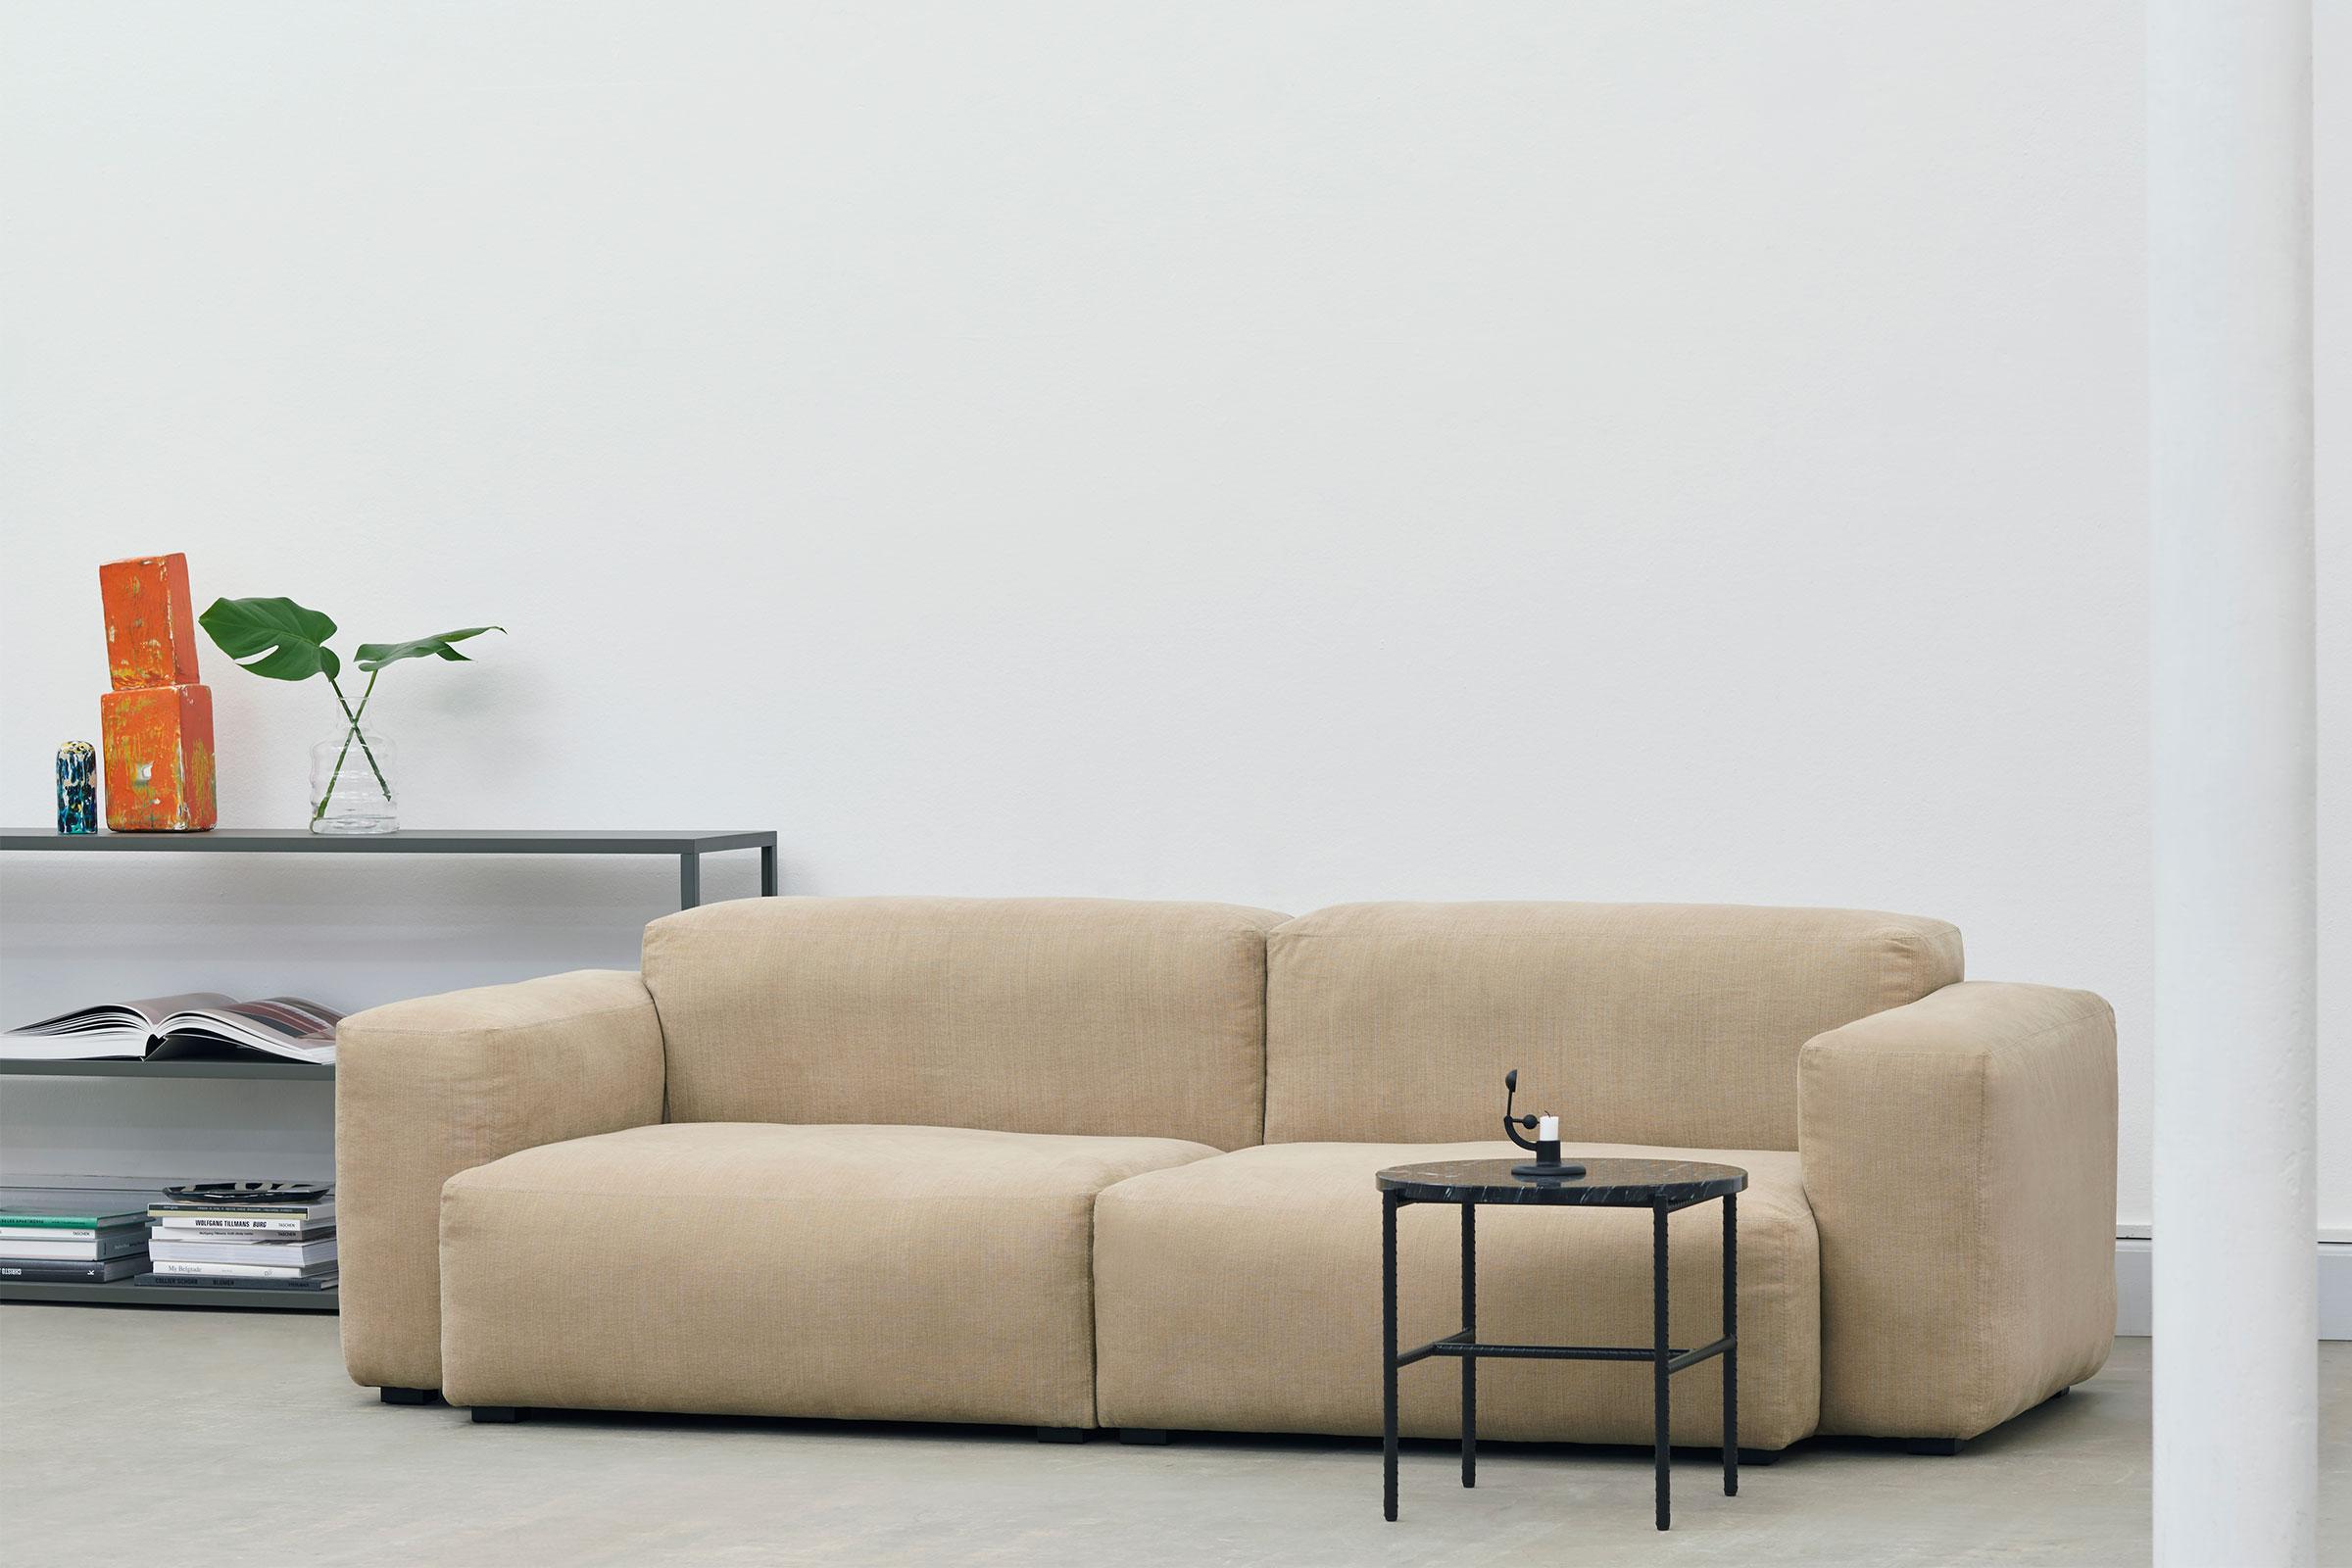 HAY - Best Scandinavian Design Furniture and Homewares Brands